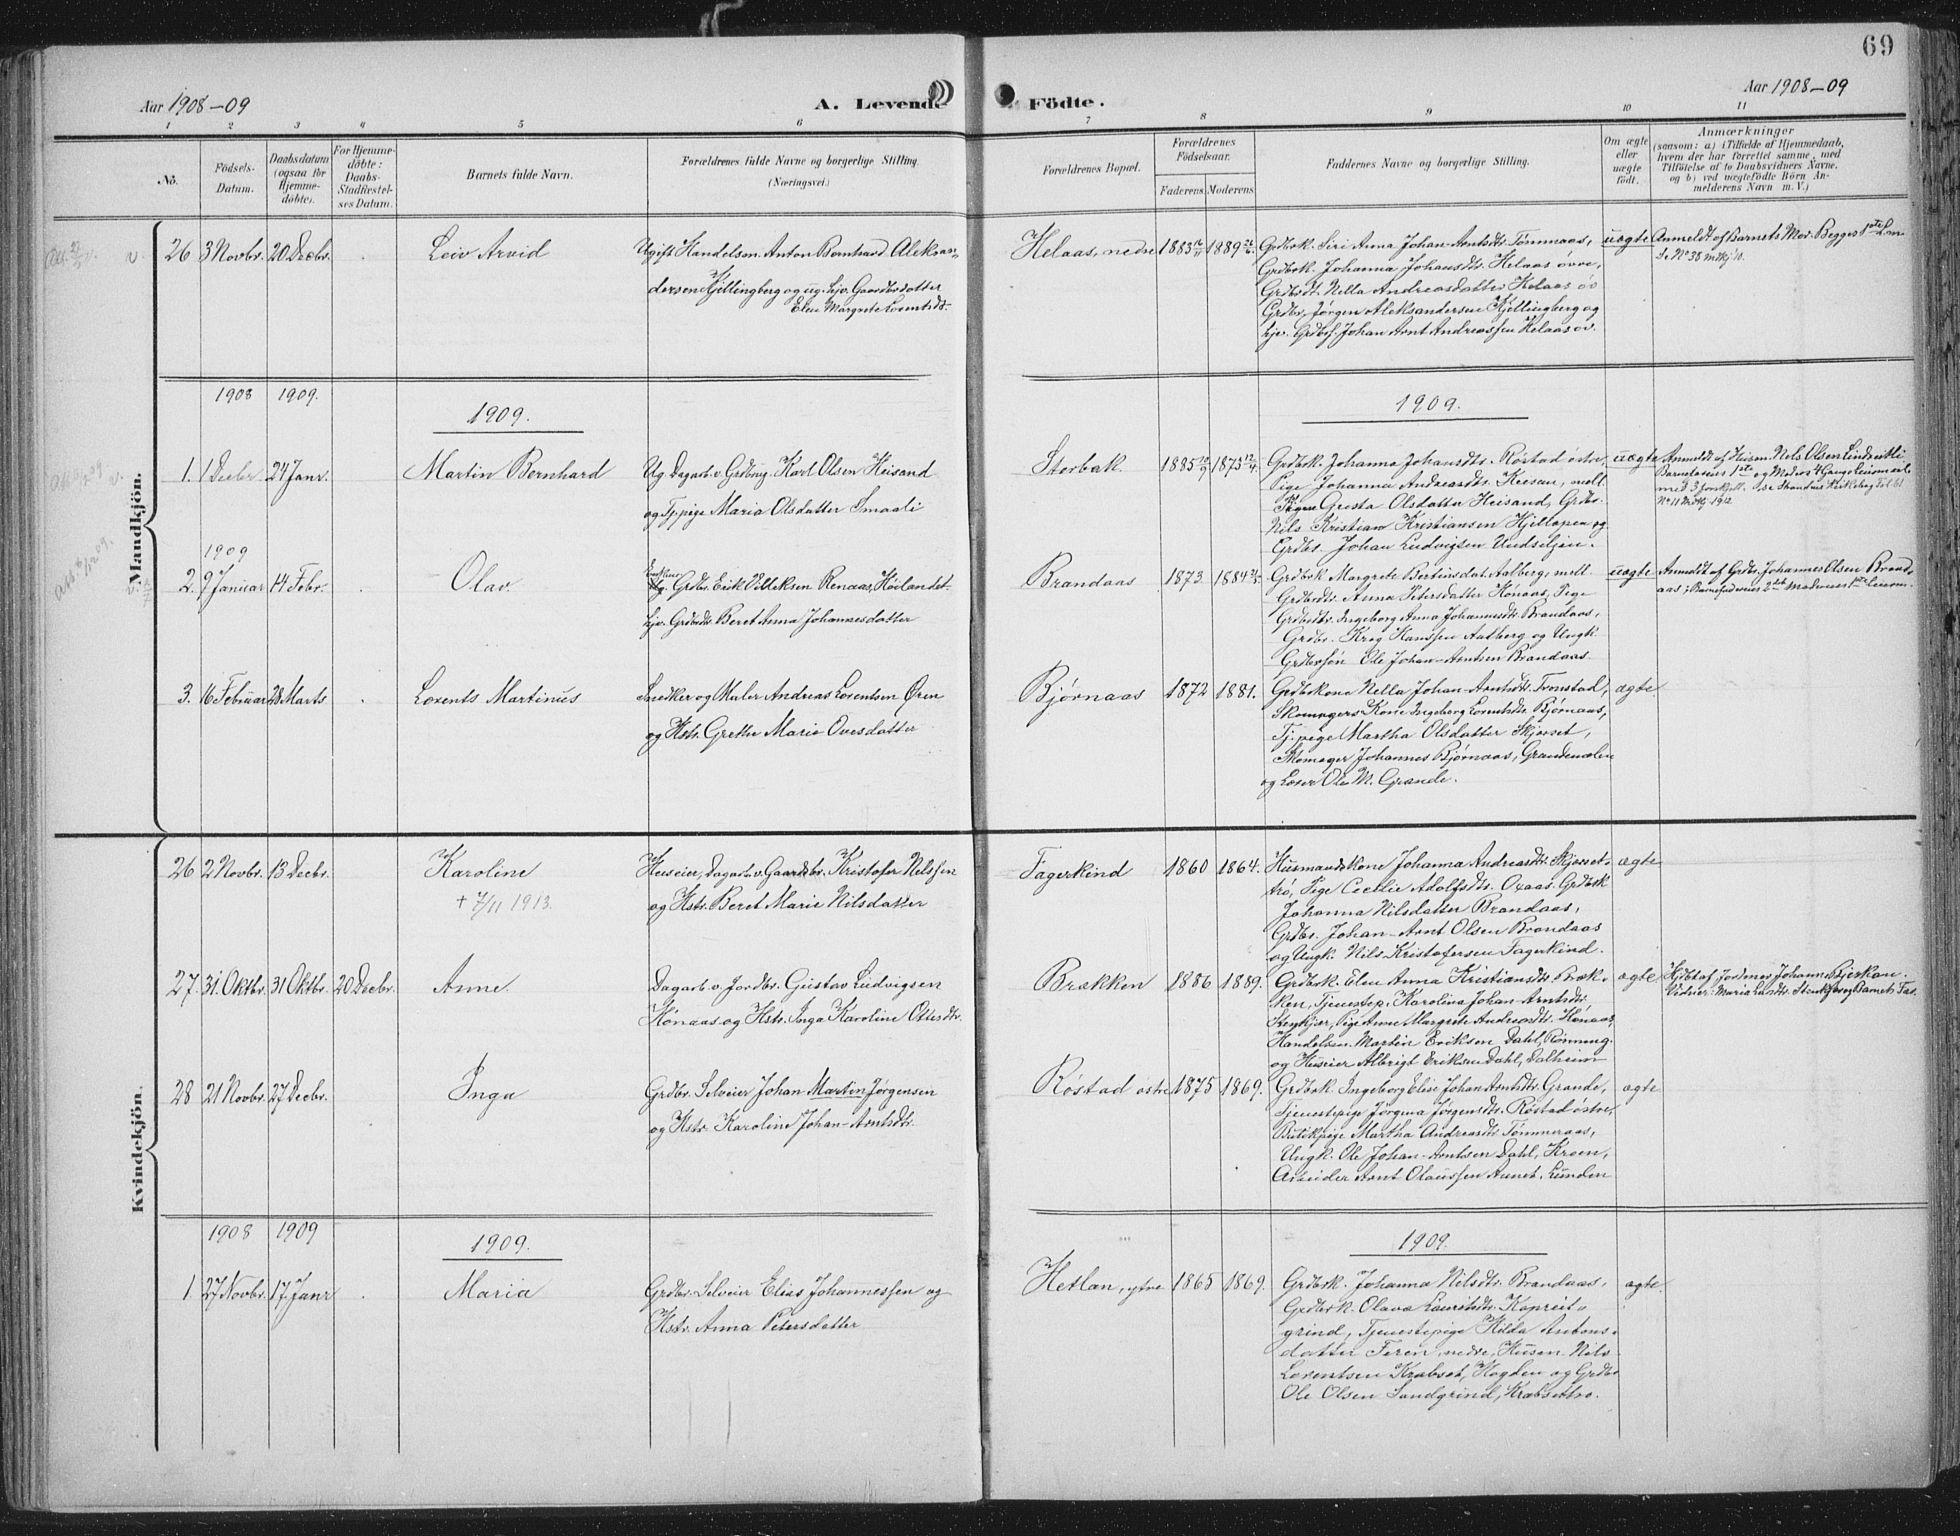 SAT, Ministerialprotokoller, klokkerbøker og fødselsregistre - Nord-Trøndelag, 701/L0011: Parish register (official) no. 701A11, 1899-1915, p. 69